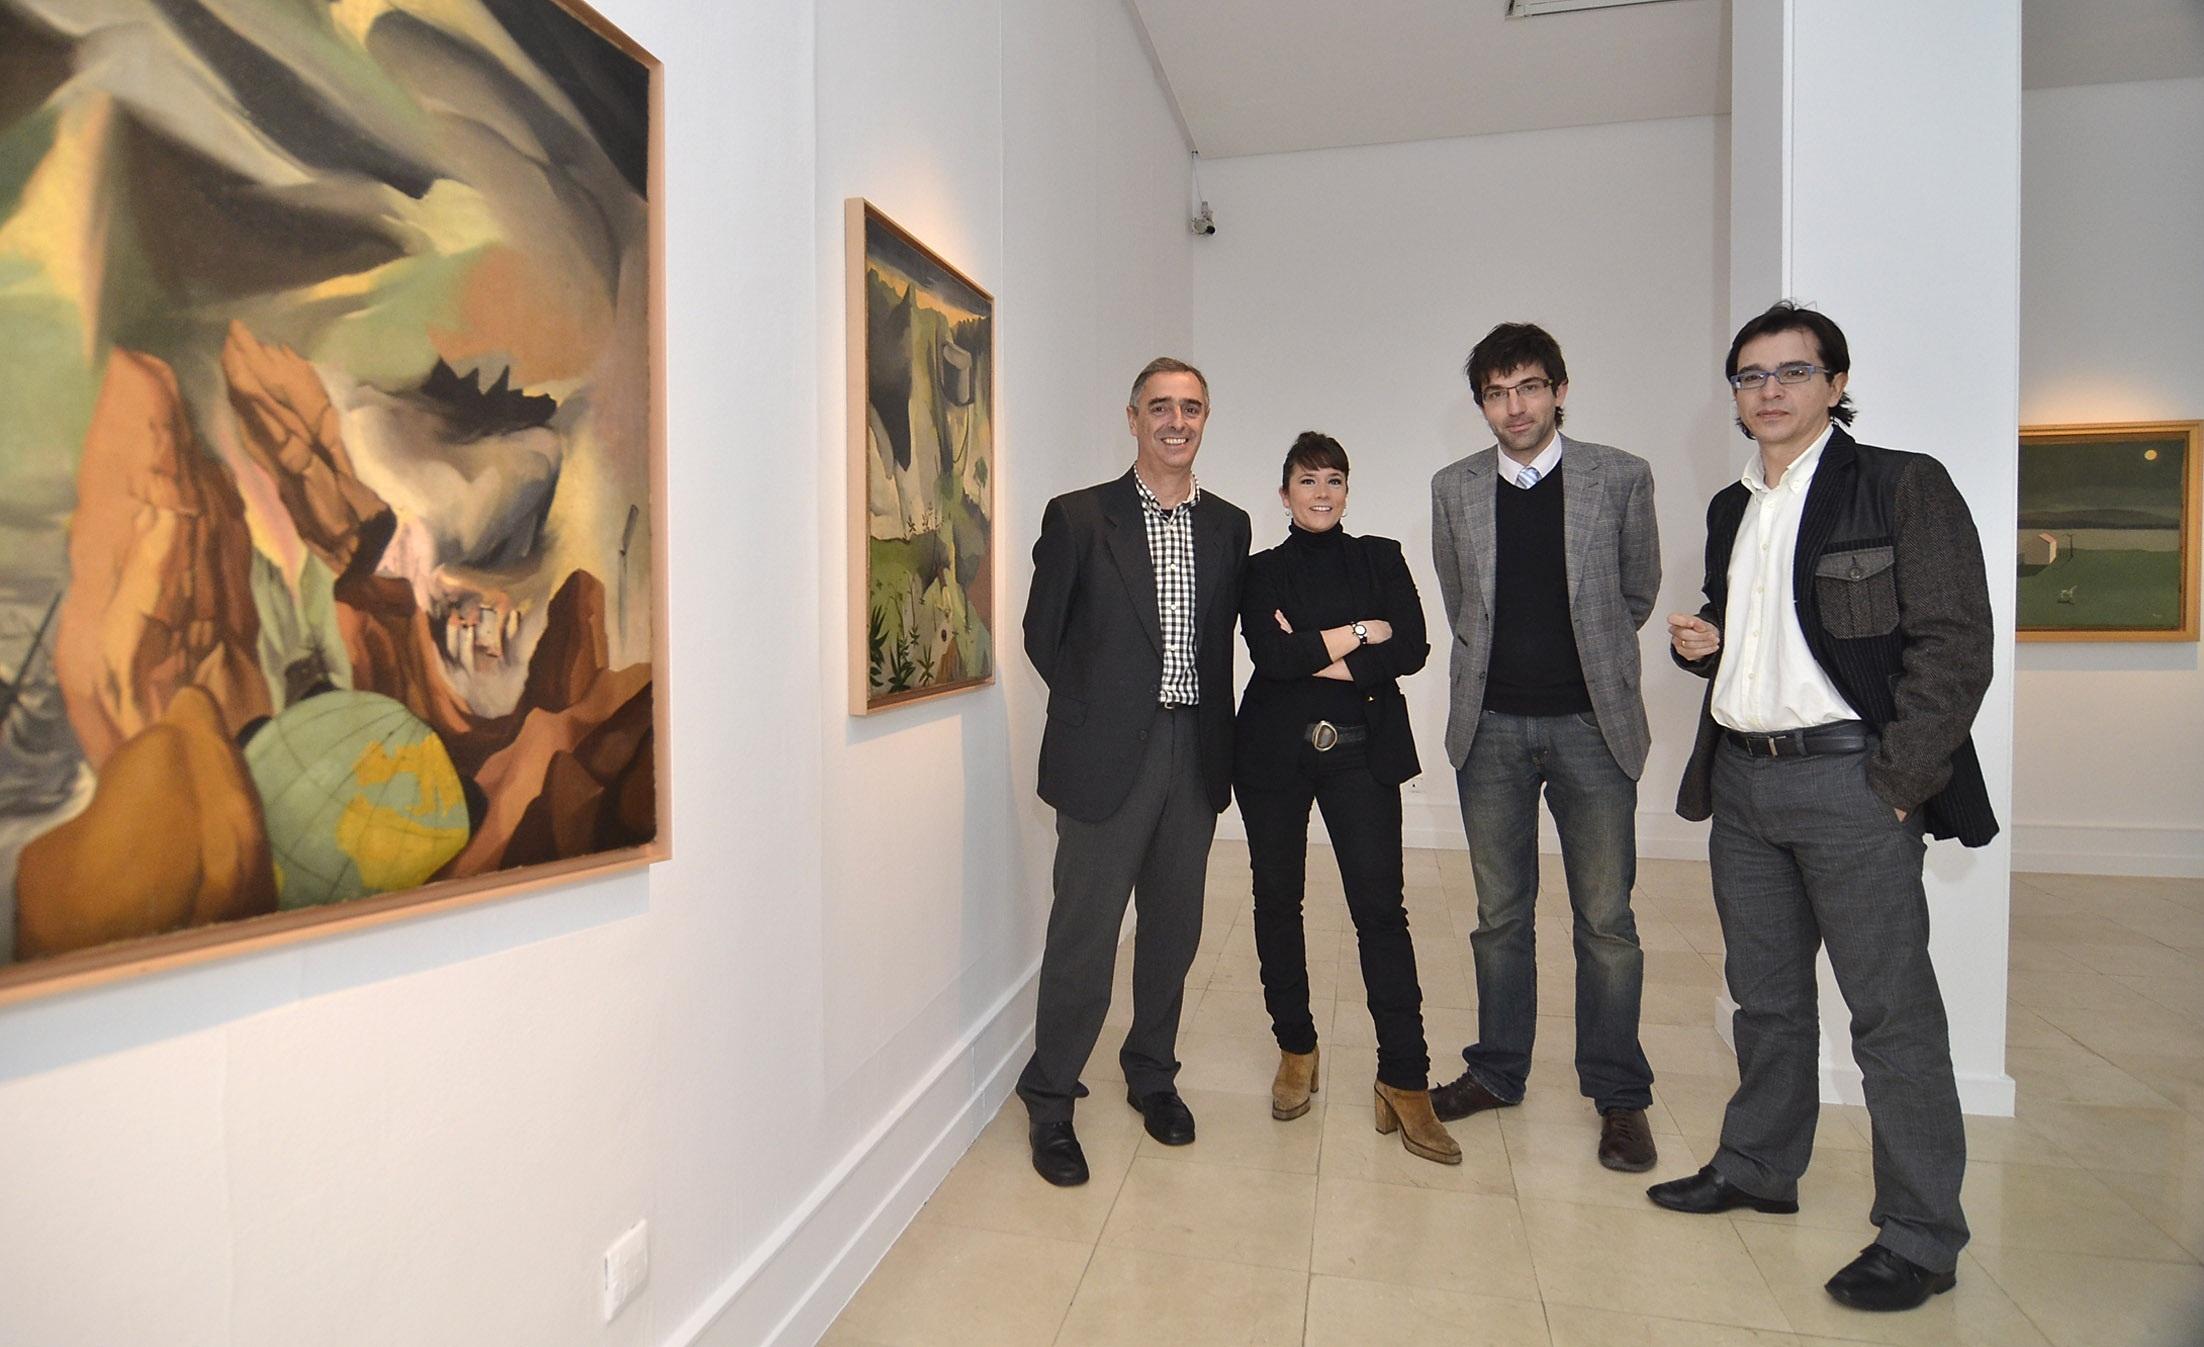 El Museo de Arte Contemporáneo de Santander rinde homenaje al pintor Antonio Quirós en el centenario de su nacimiento